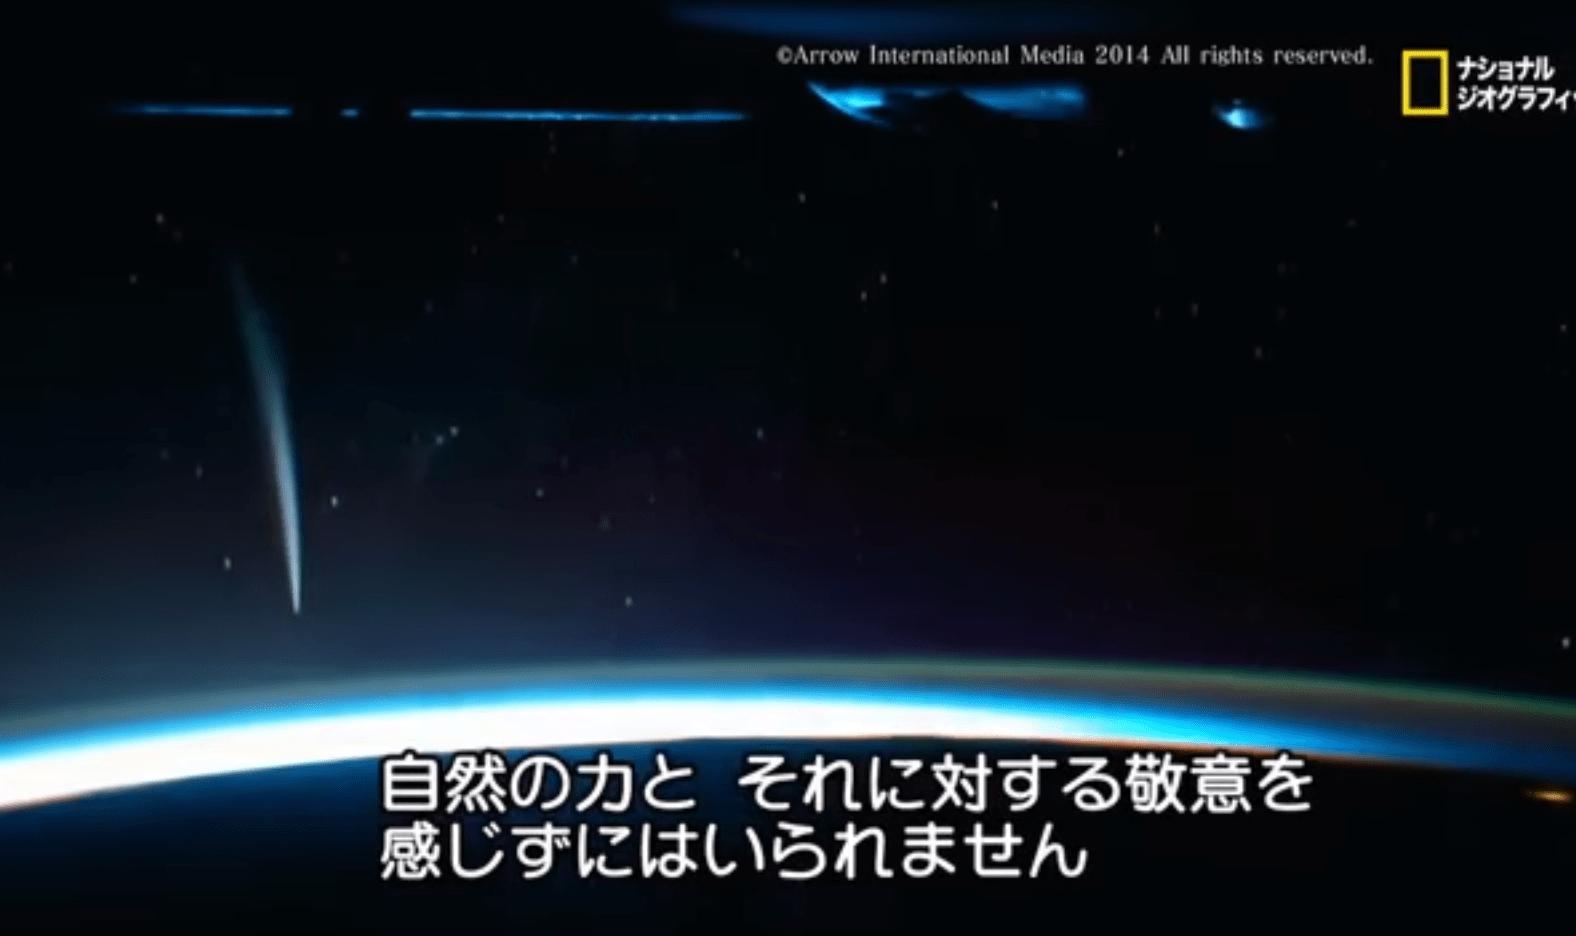 息を飲むほど美しい!国際宇宙ステーションで暮らす人が見る、生きた地球の映像!!